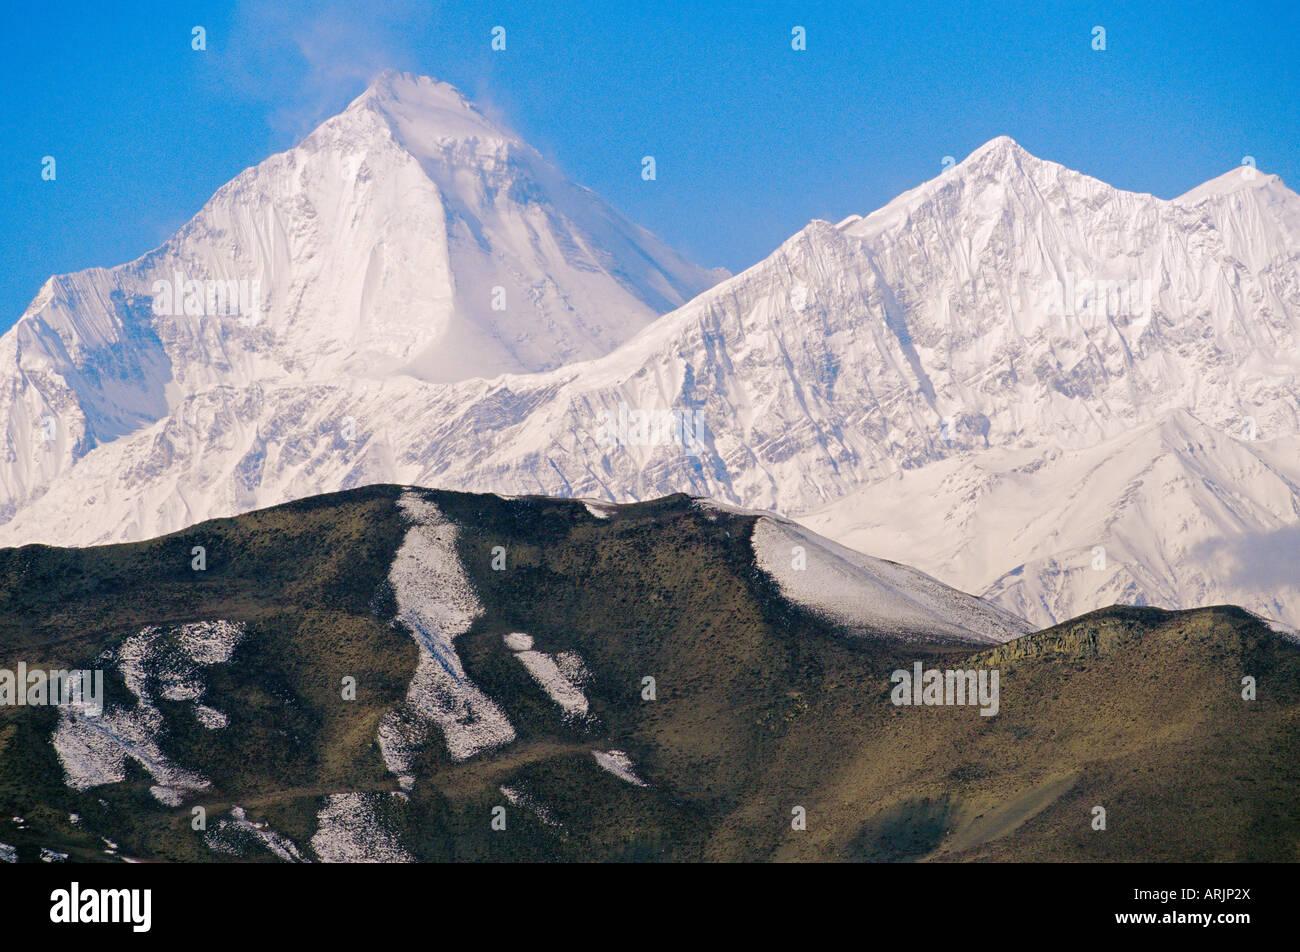 Annapurna range seen from MUKtinath, Nepal - Stock Image